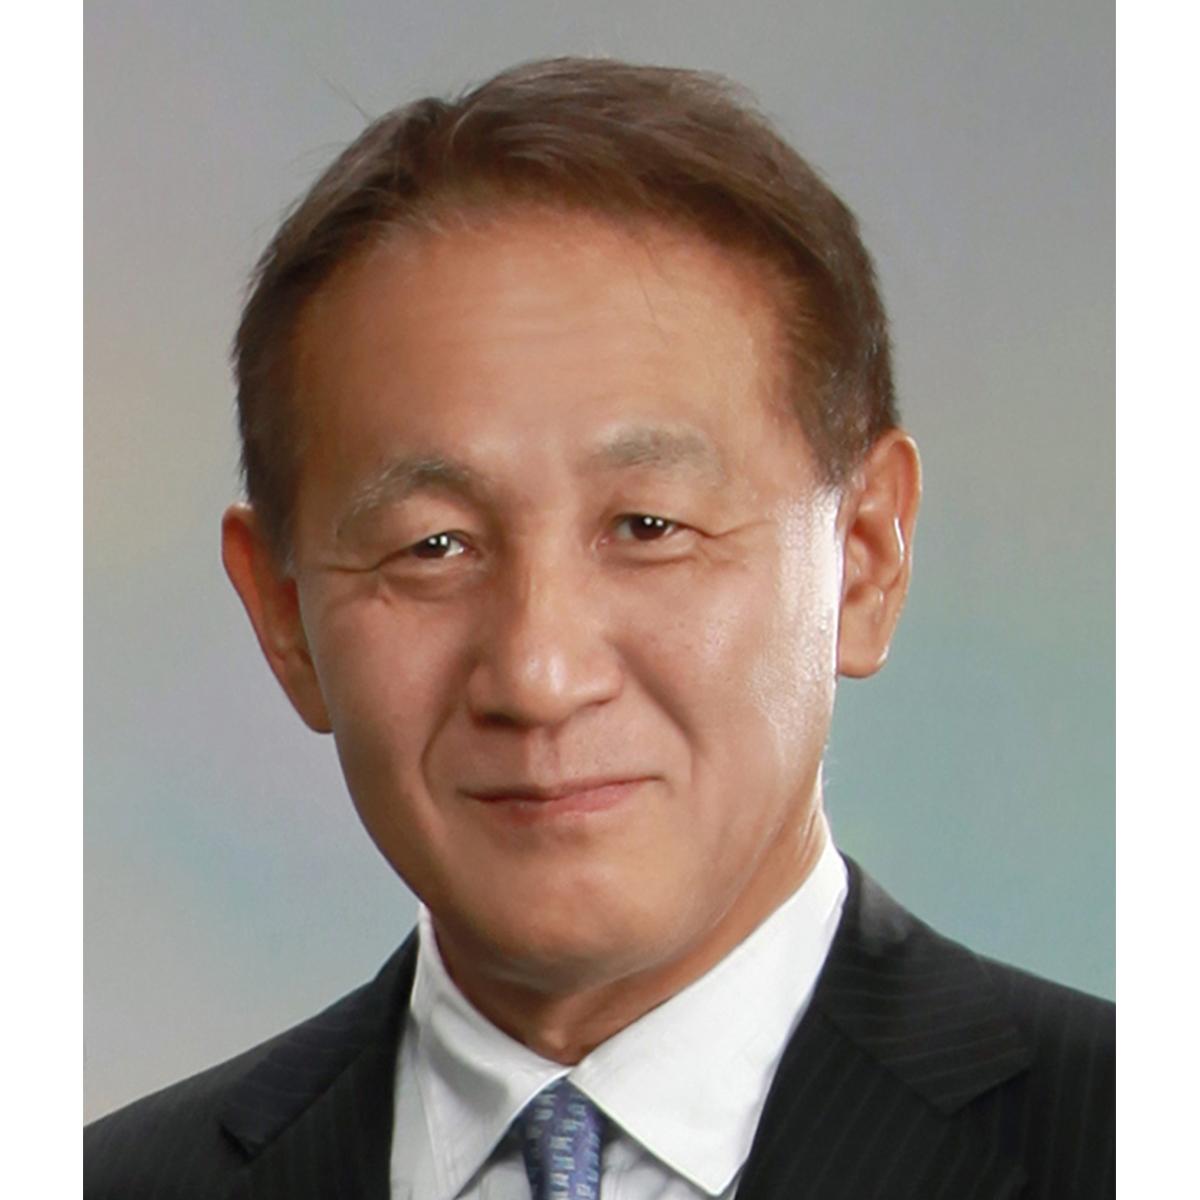 Seishi Ogawa